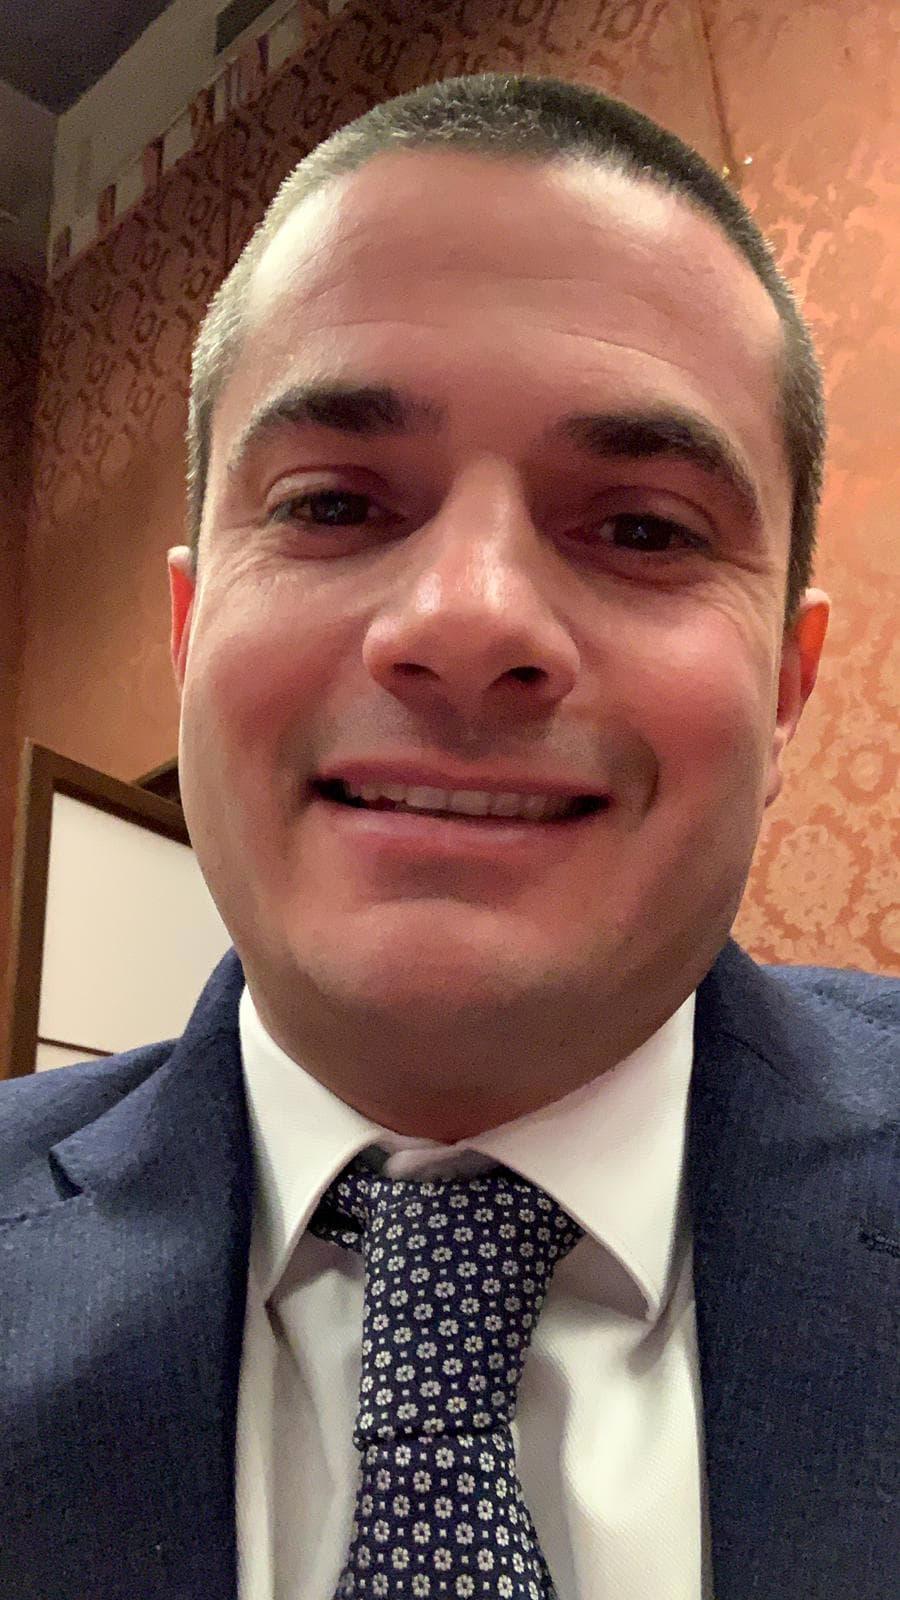 paolo martinelli consigliere rapinese sindaco comune como-2